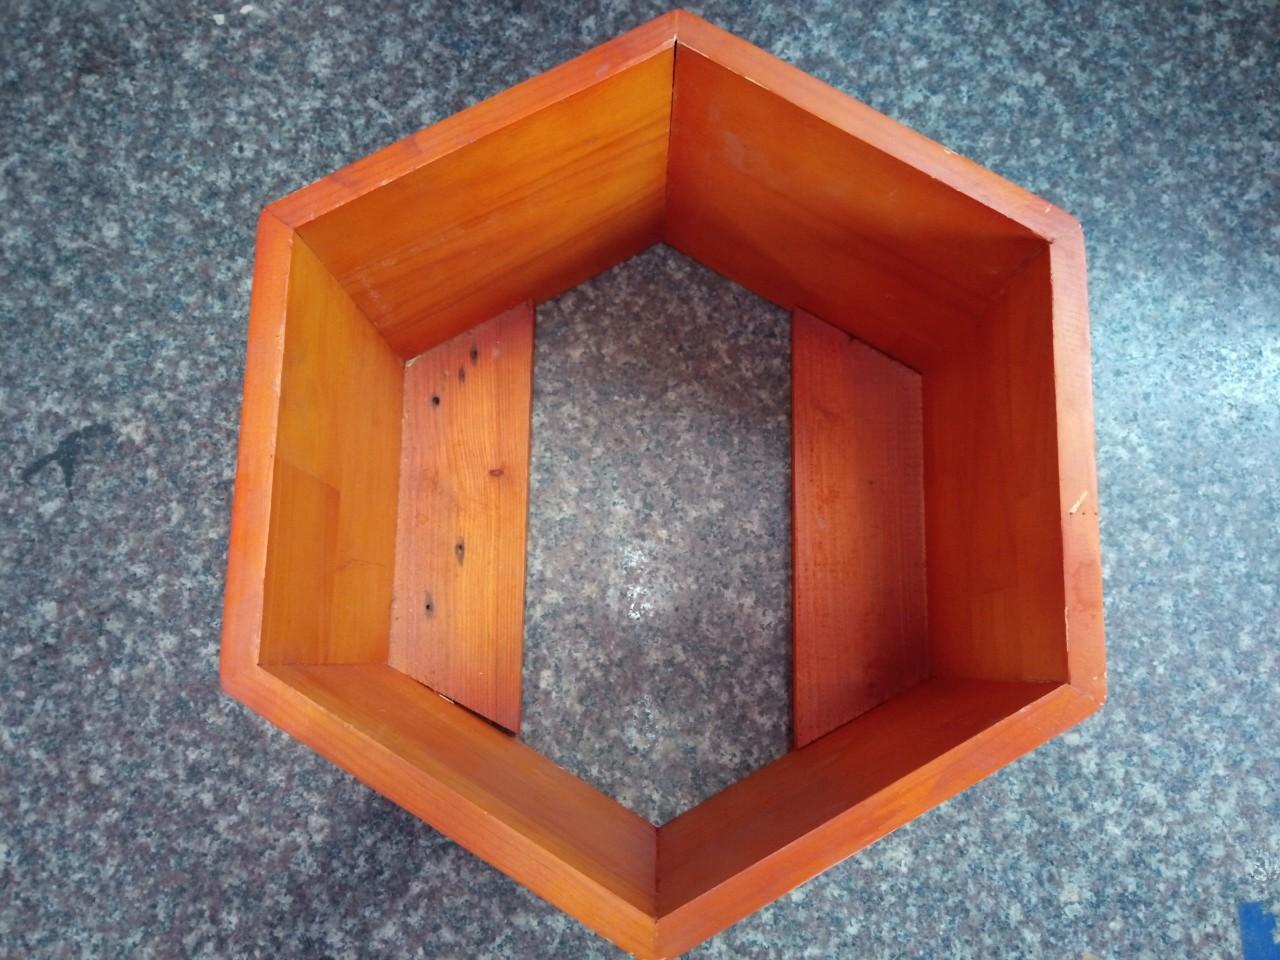 Chậu gỗ lục giác áp tường không đáy